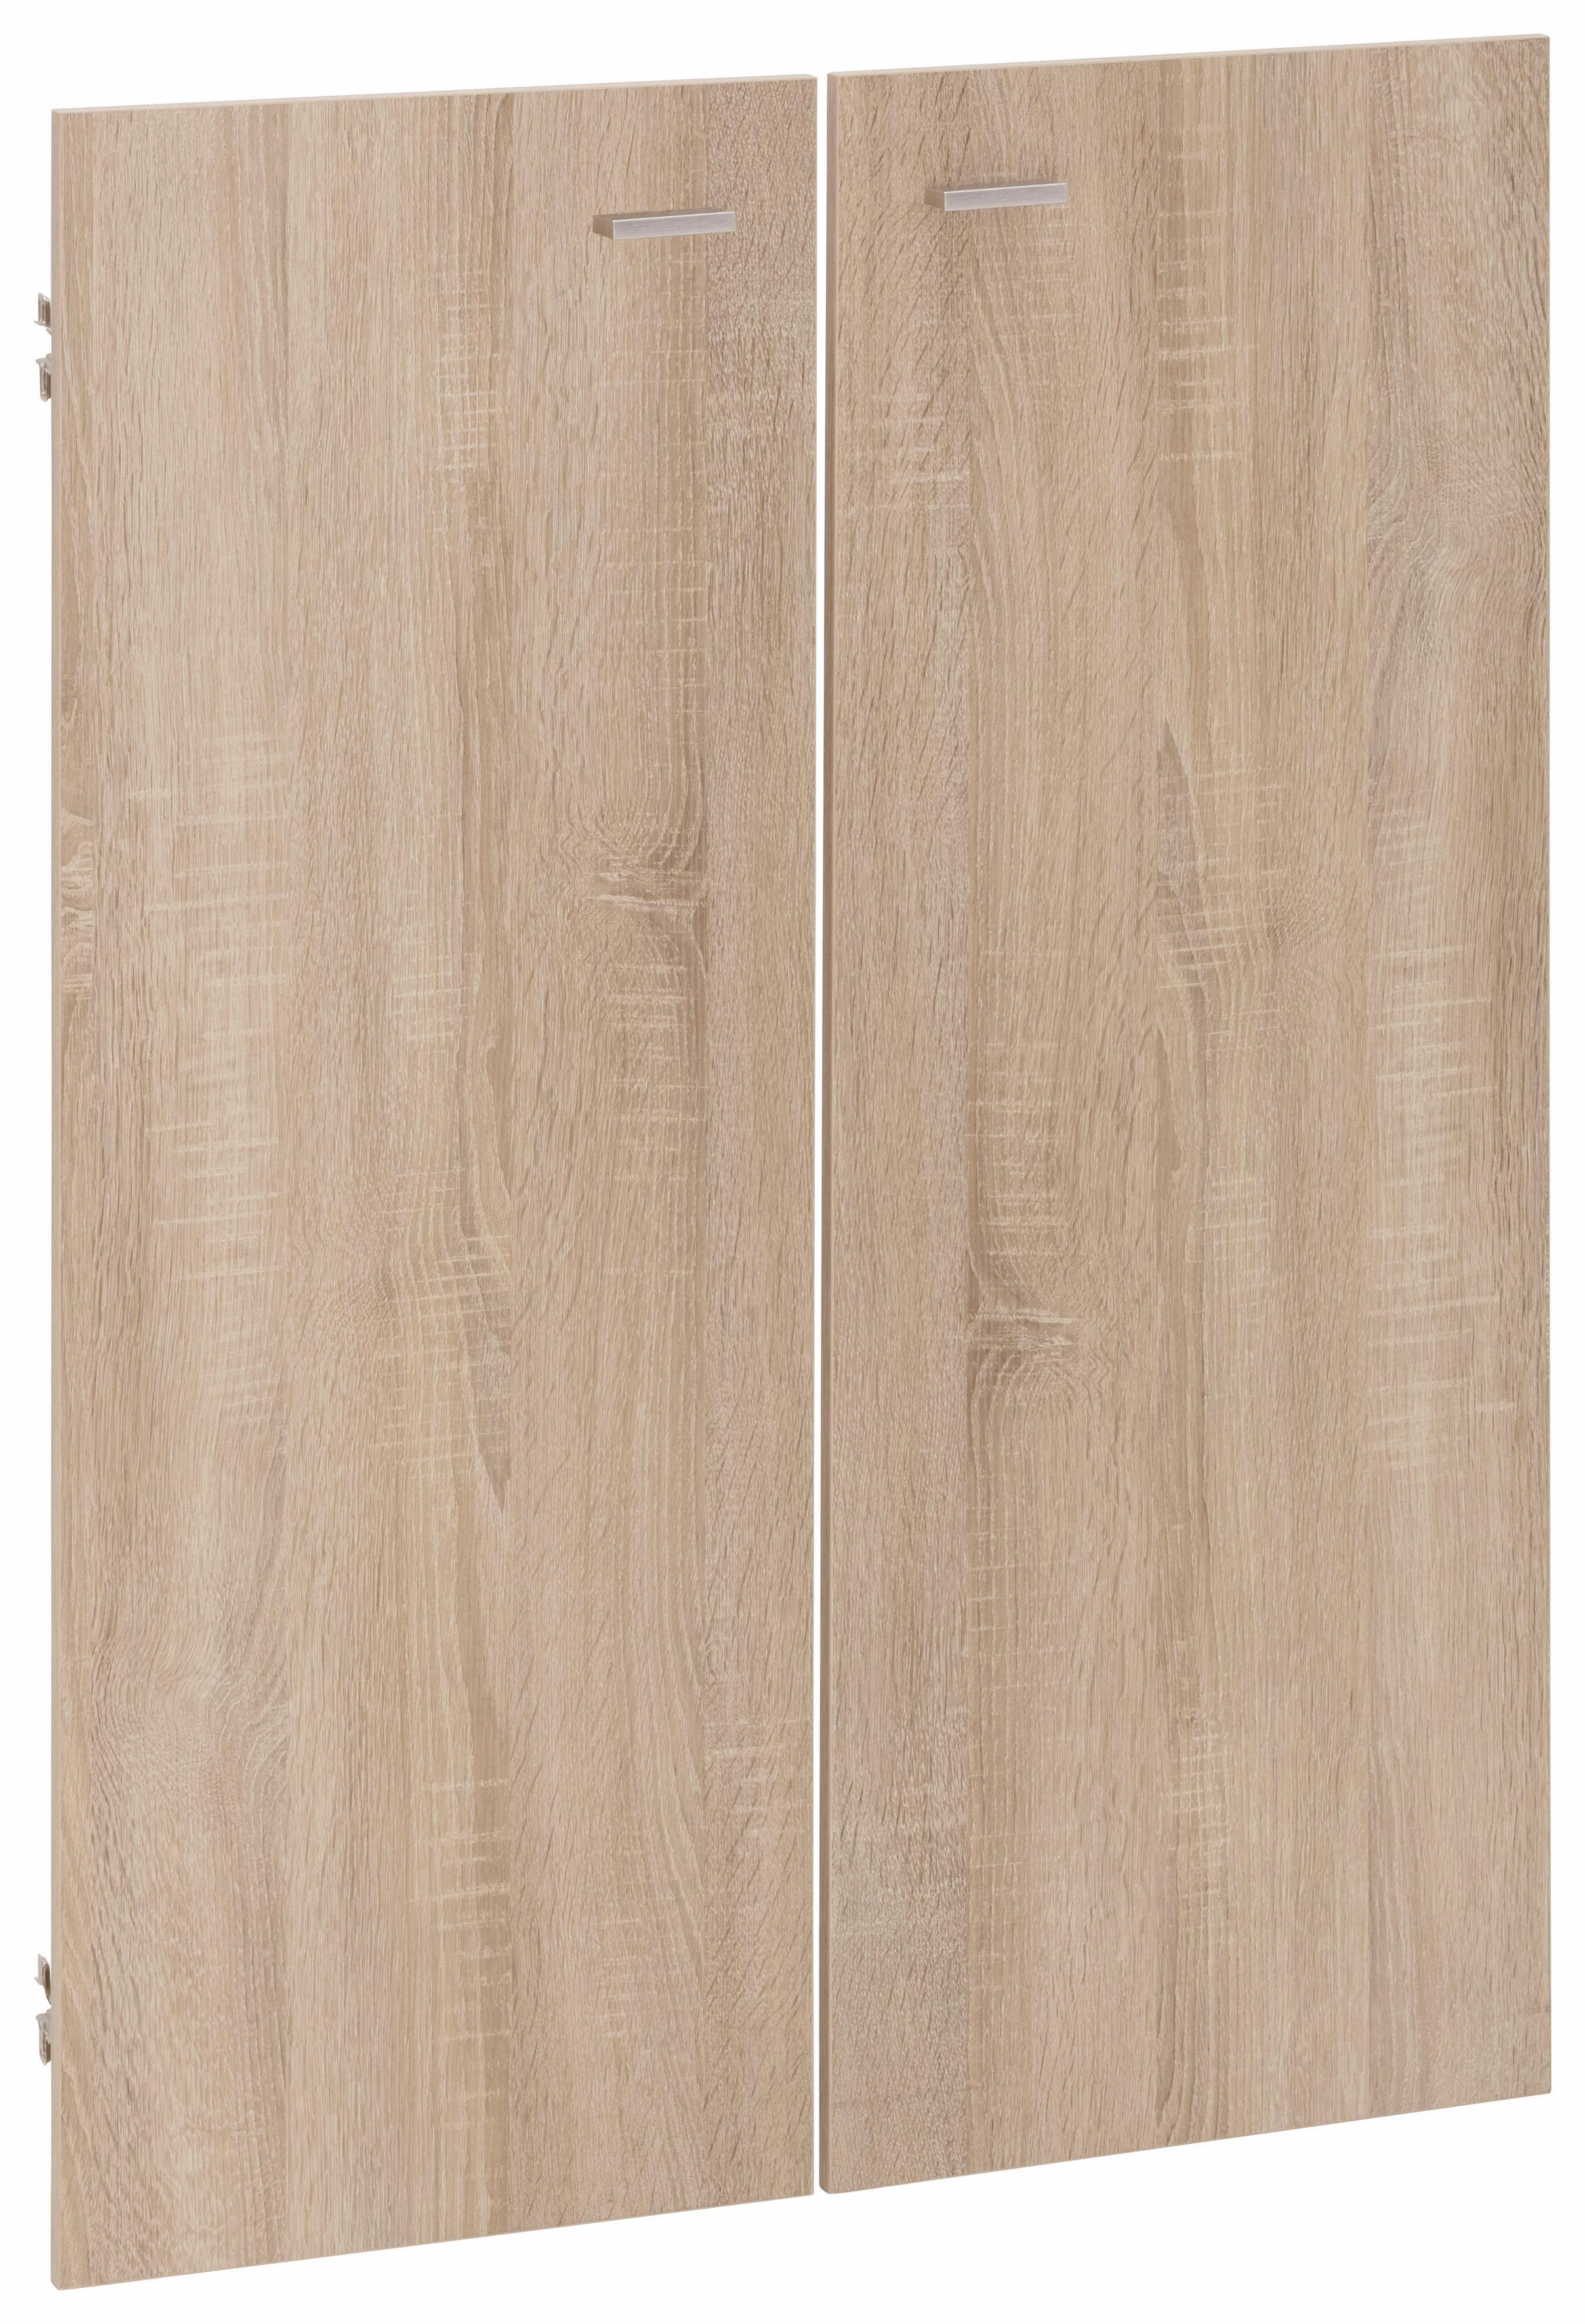 Schranktür Mio, (2 Stk.) braun Zubehör für Kleiderschränke Möbel